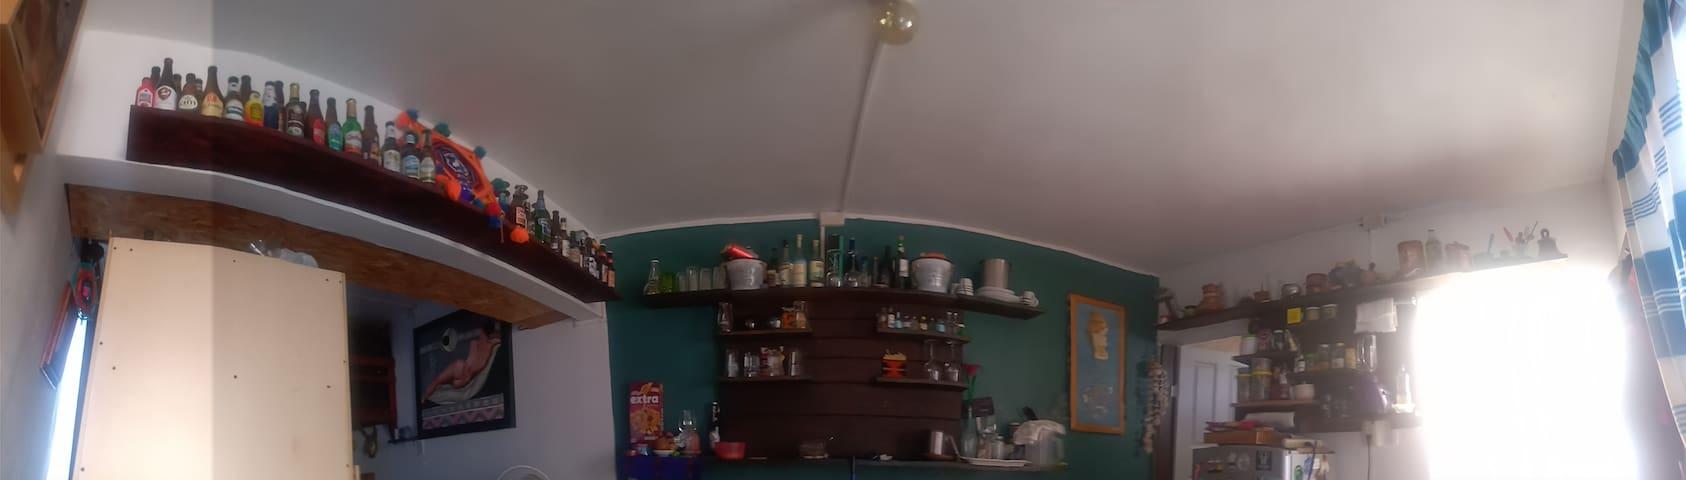 La casa del tío